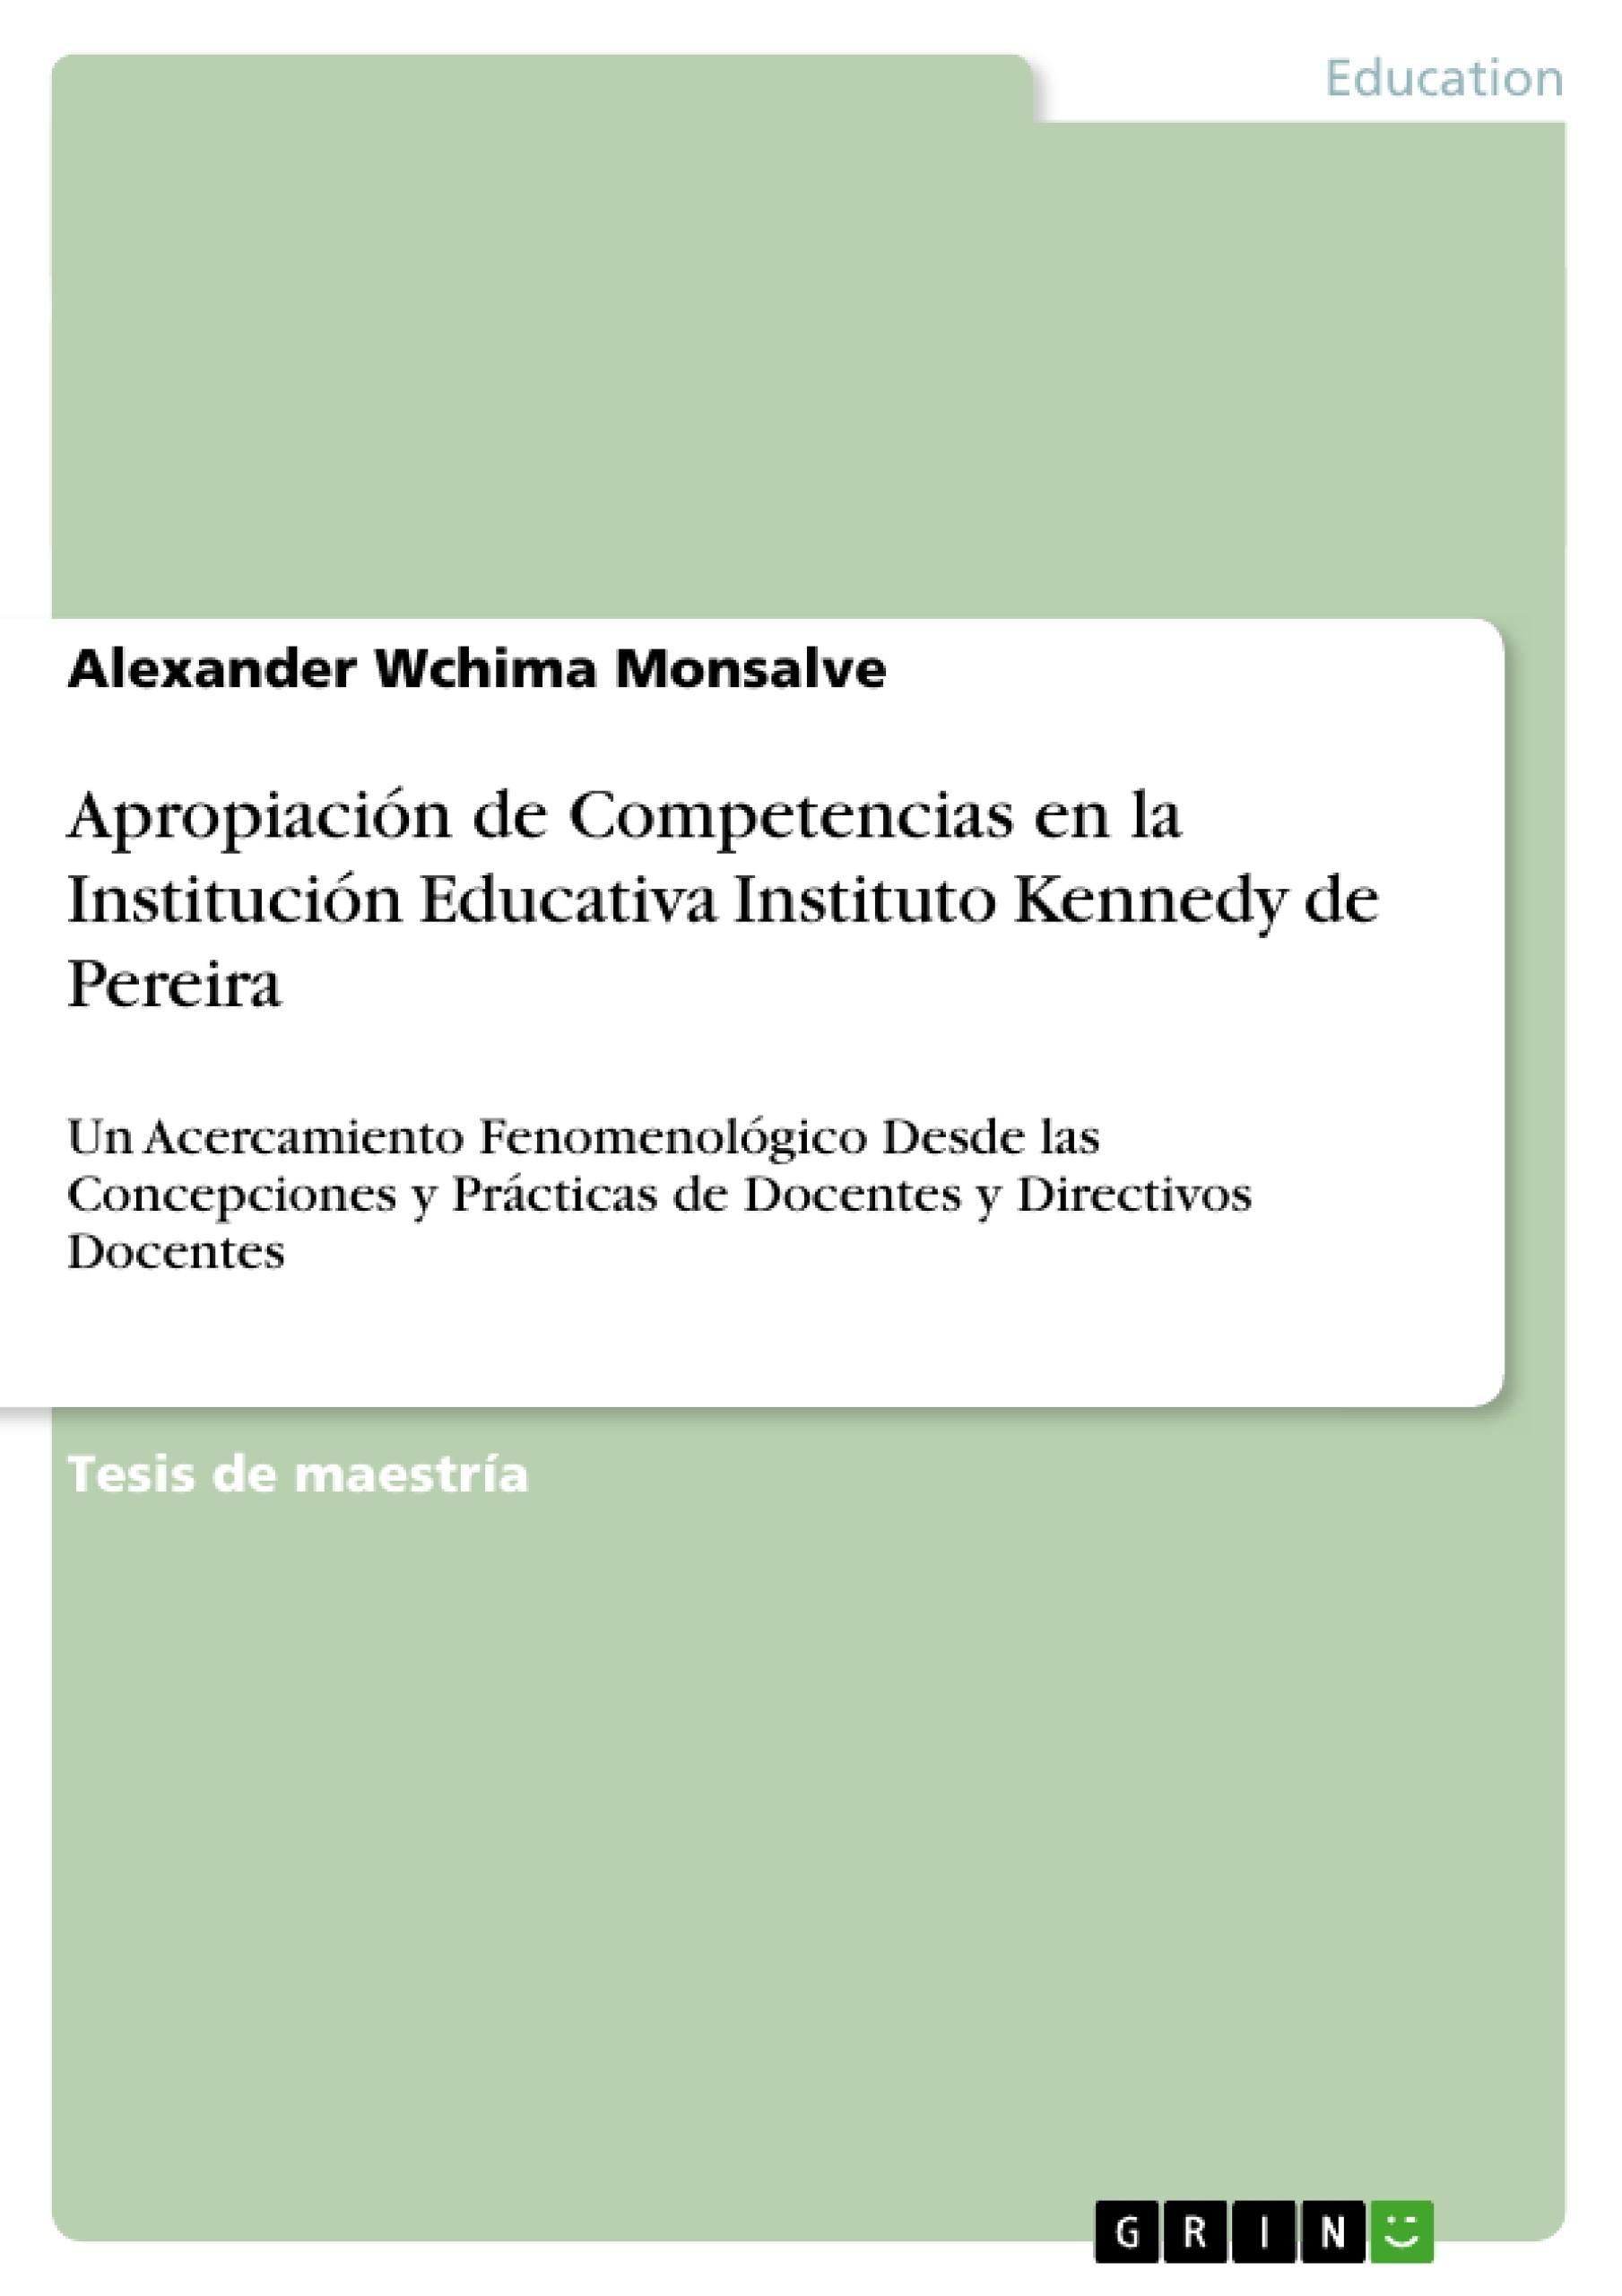 Título: Apropiación de Competencias en la Institución Educativa Instituto Kennedy de Pereira